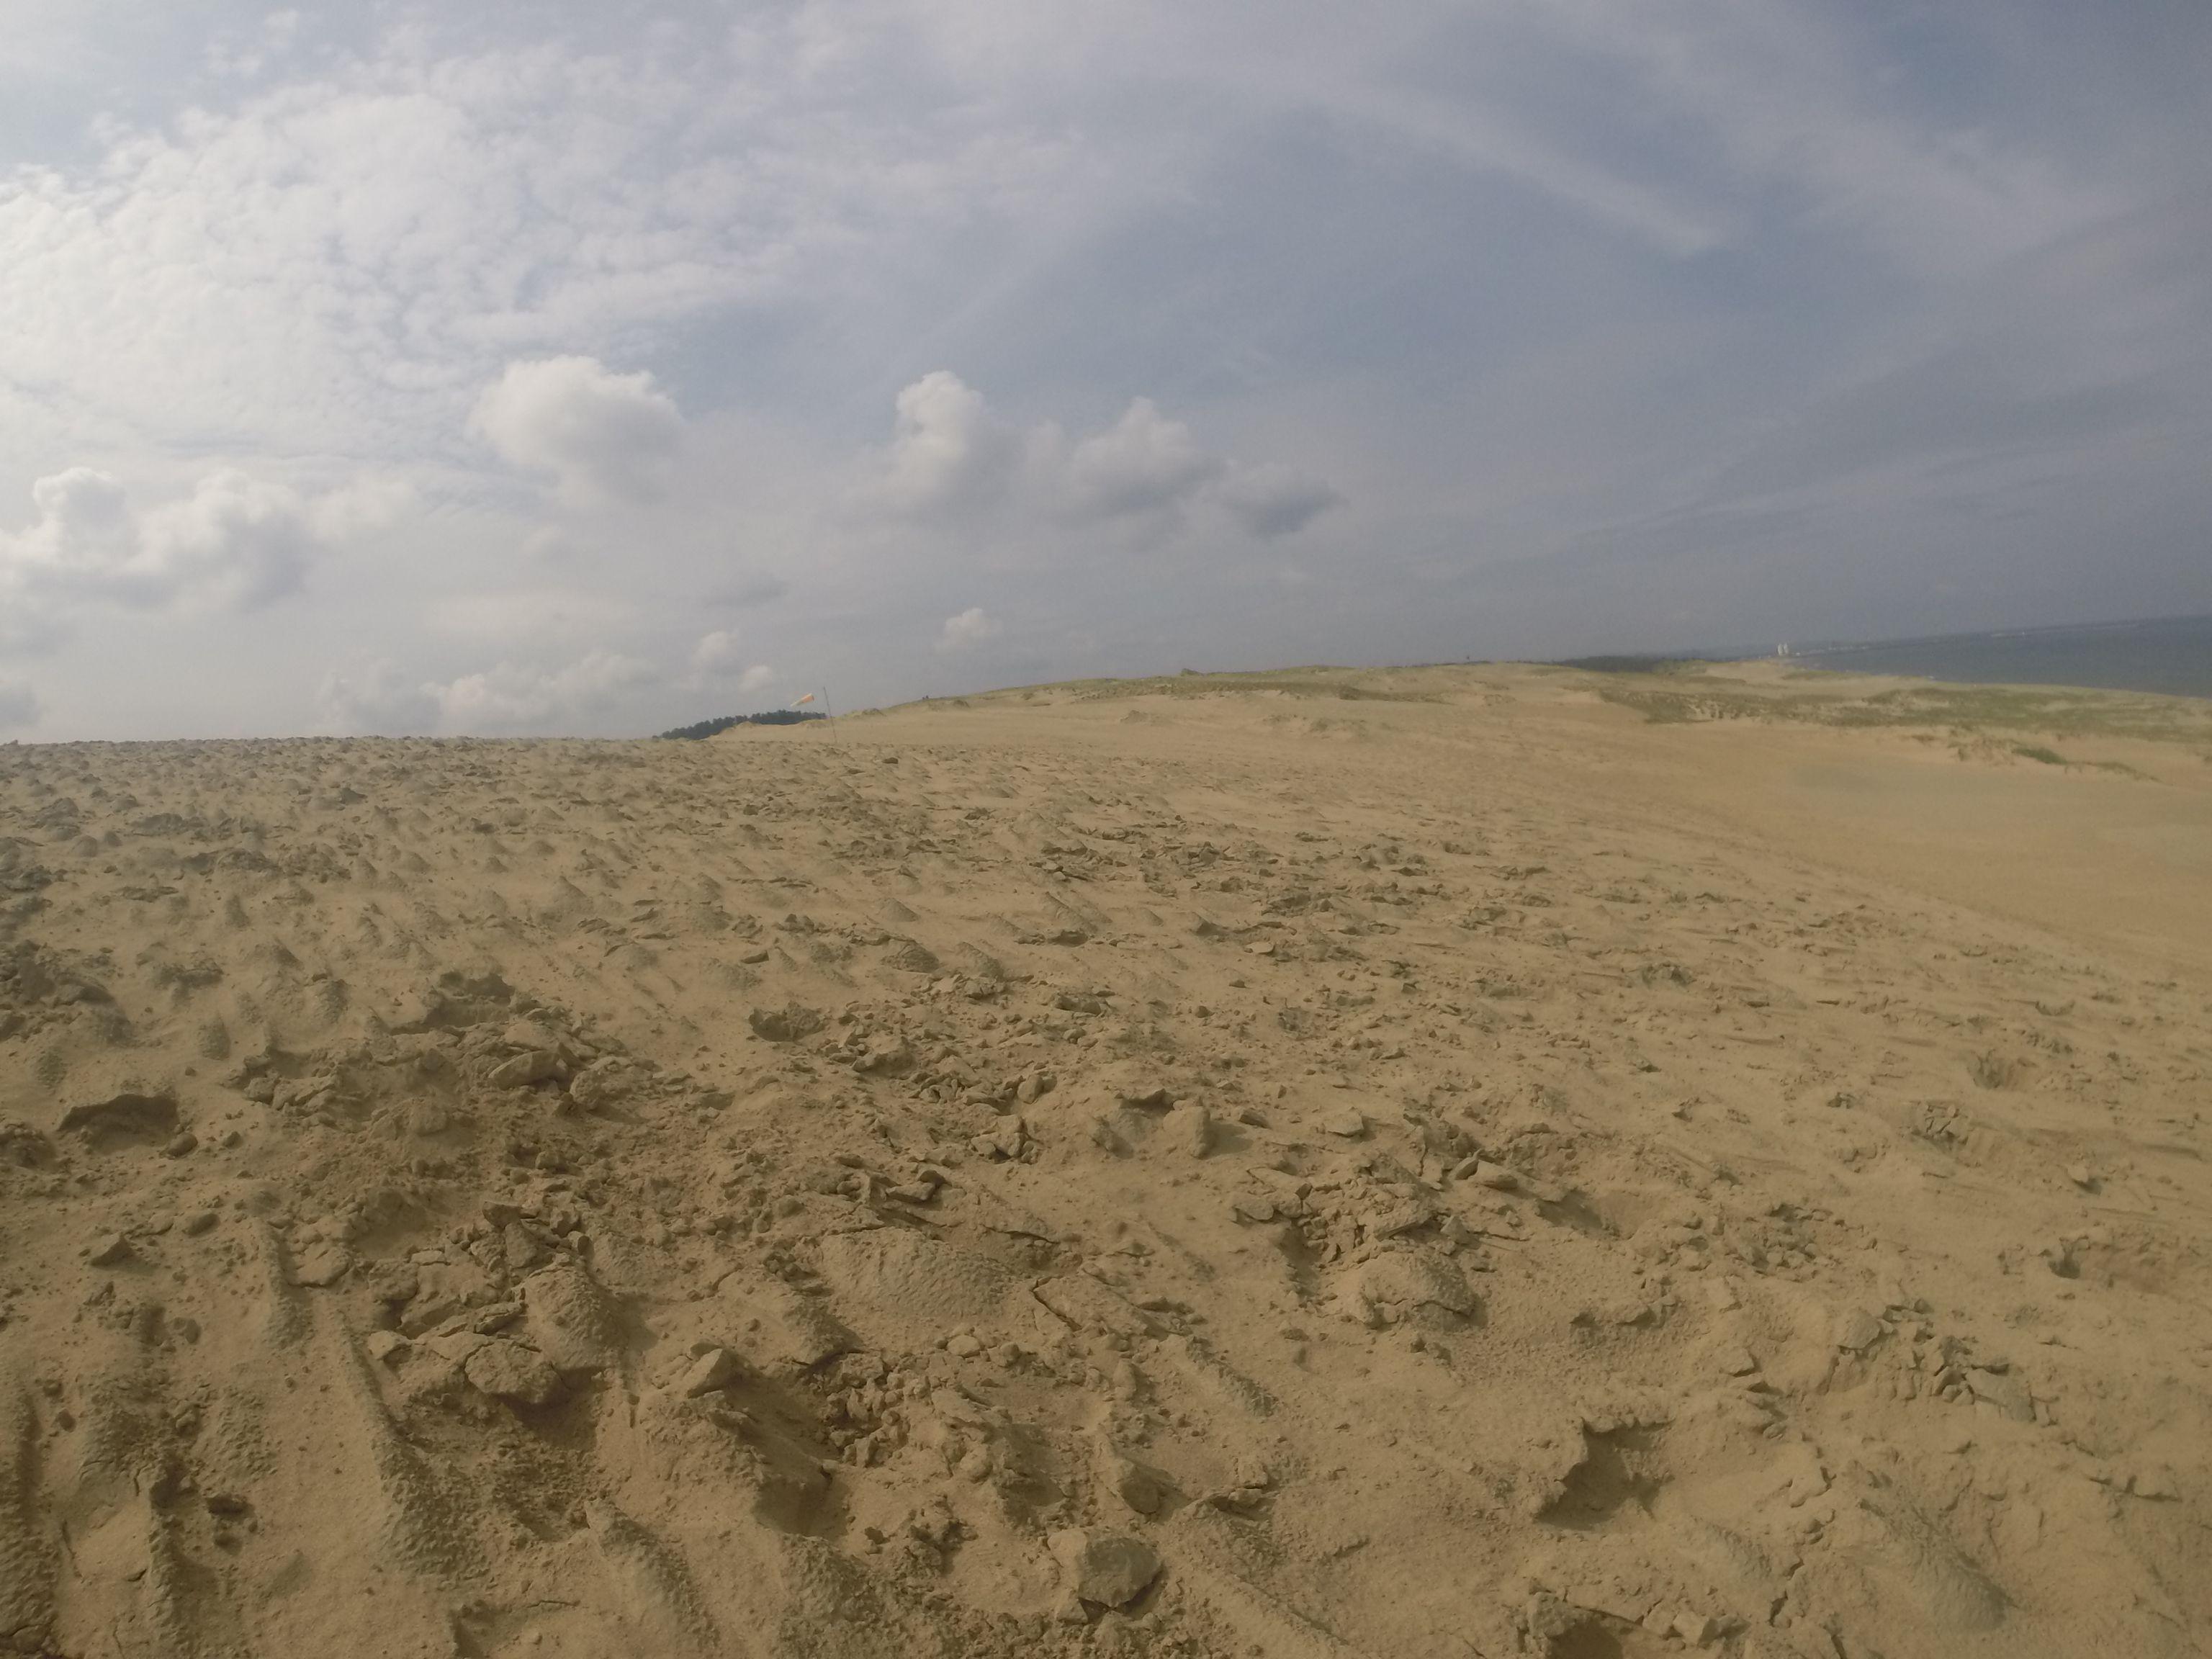 うっすら曇り空で涼しく快適な鳥取砂丘